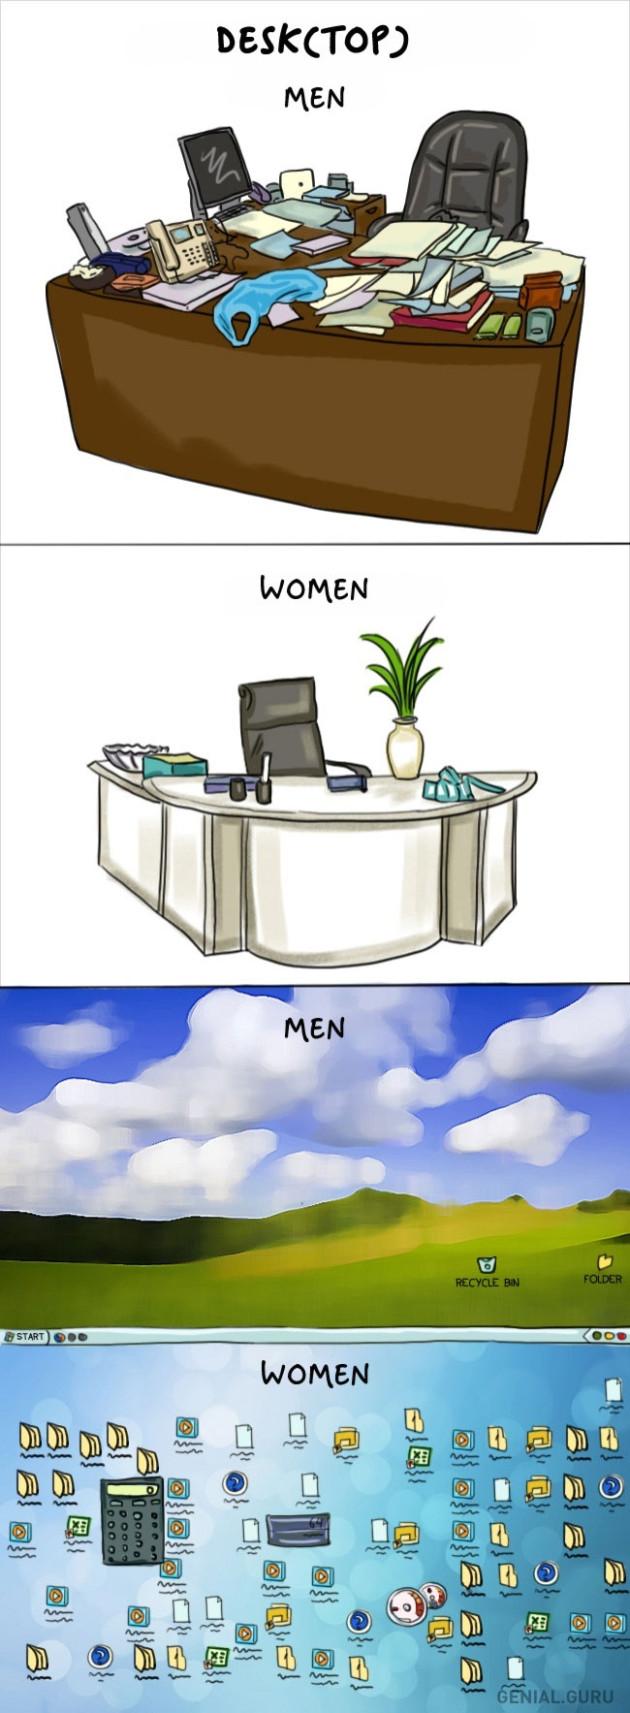 Mesa de trabalho (no escritório e no computador)